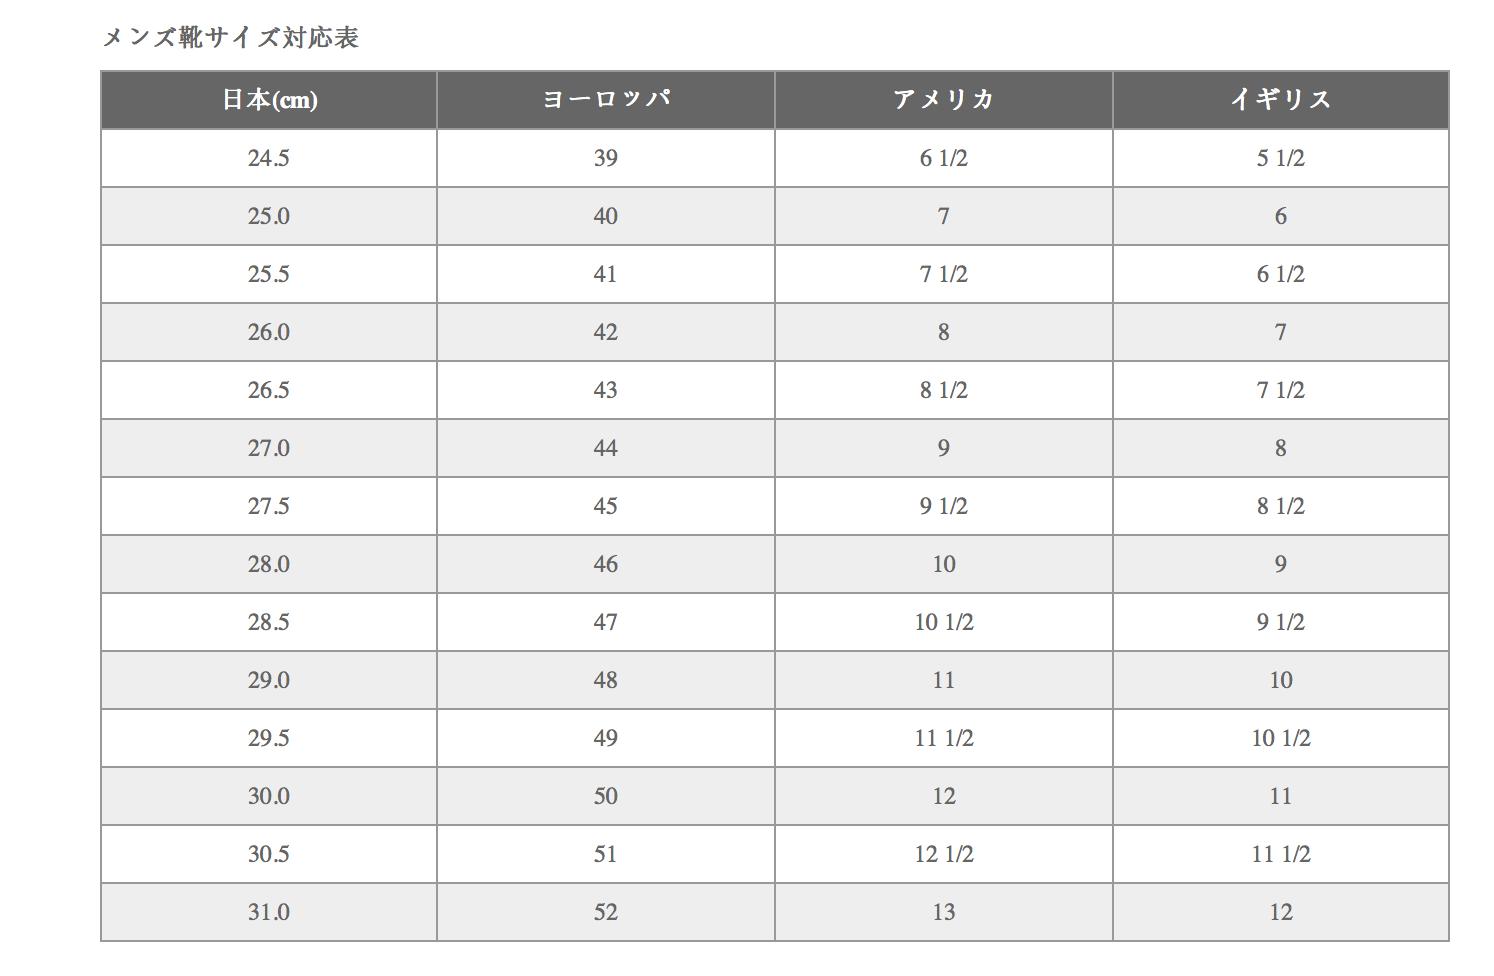 美国鞋码_日本鞋子是用什么码的?欧码还是美国码还是英国码?